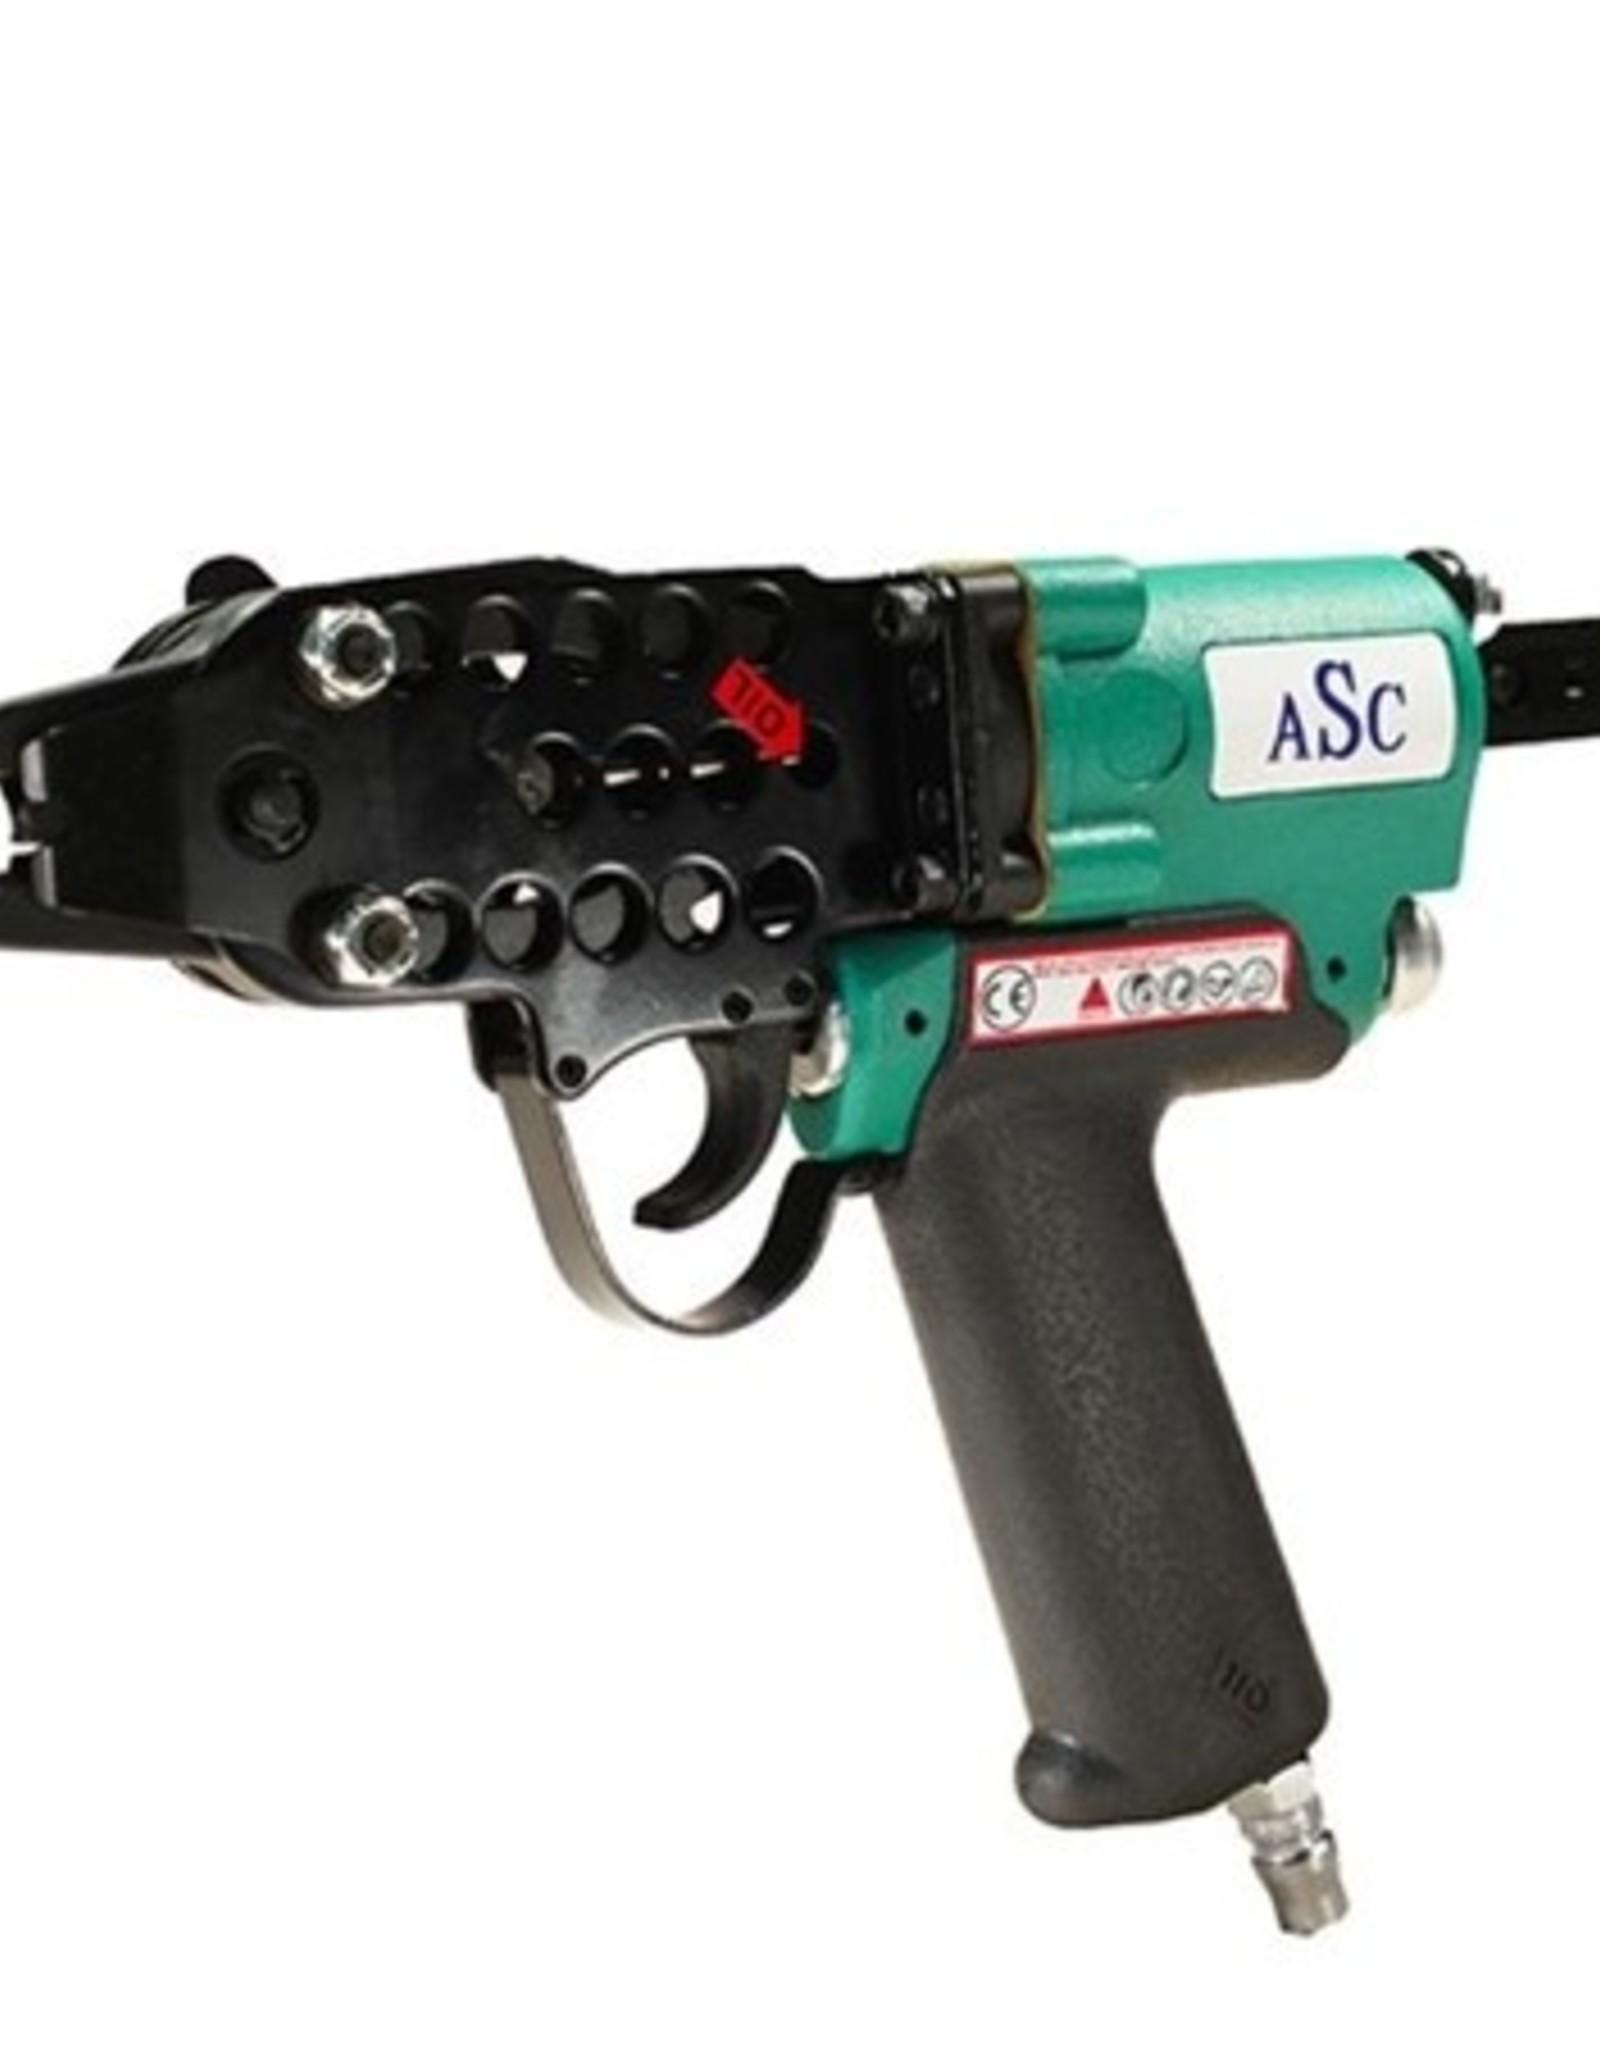 ASC Pneumatic Hog Ringer, Model  ASC-743